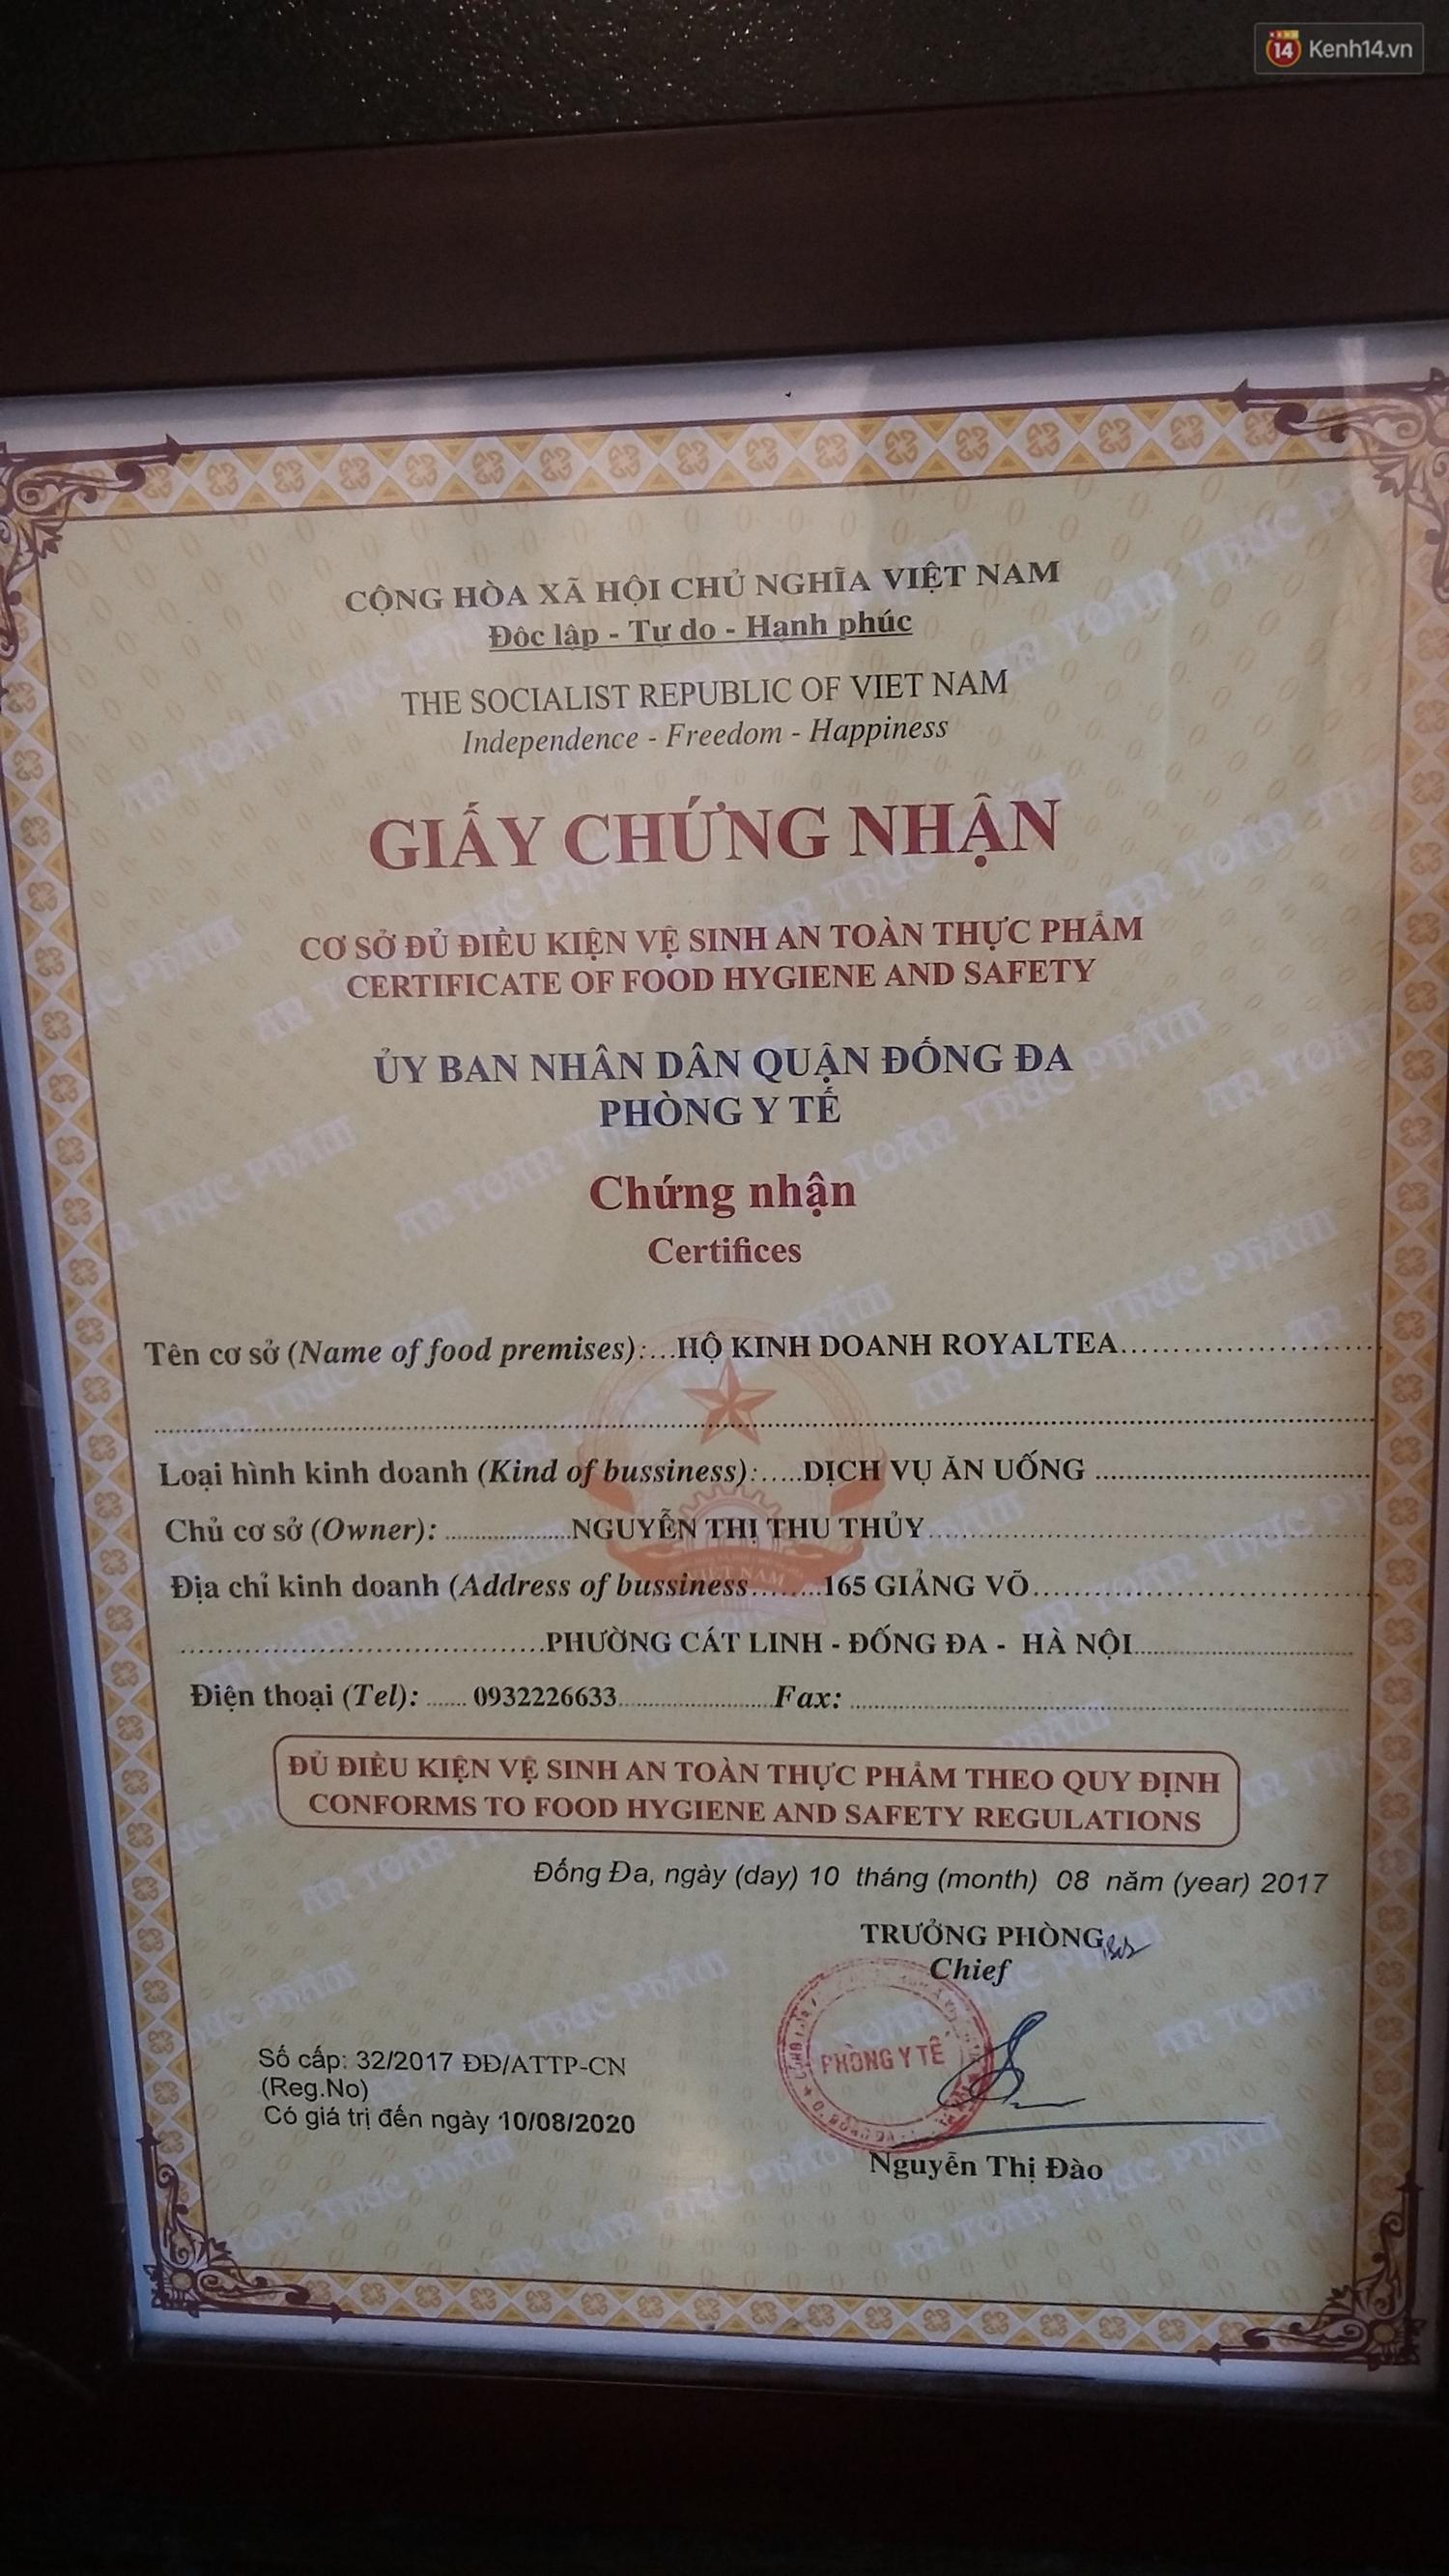 Chủ sở hữu của các chuỗi Royaltea tại Hà Nội, Sài Gòn: Thương hiệu Royaltea không được bảo hộ nên ai cũng có thể kinh doanh mà không vi phạm pháp luật - Ảnh 8.